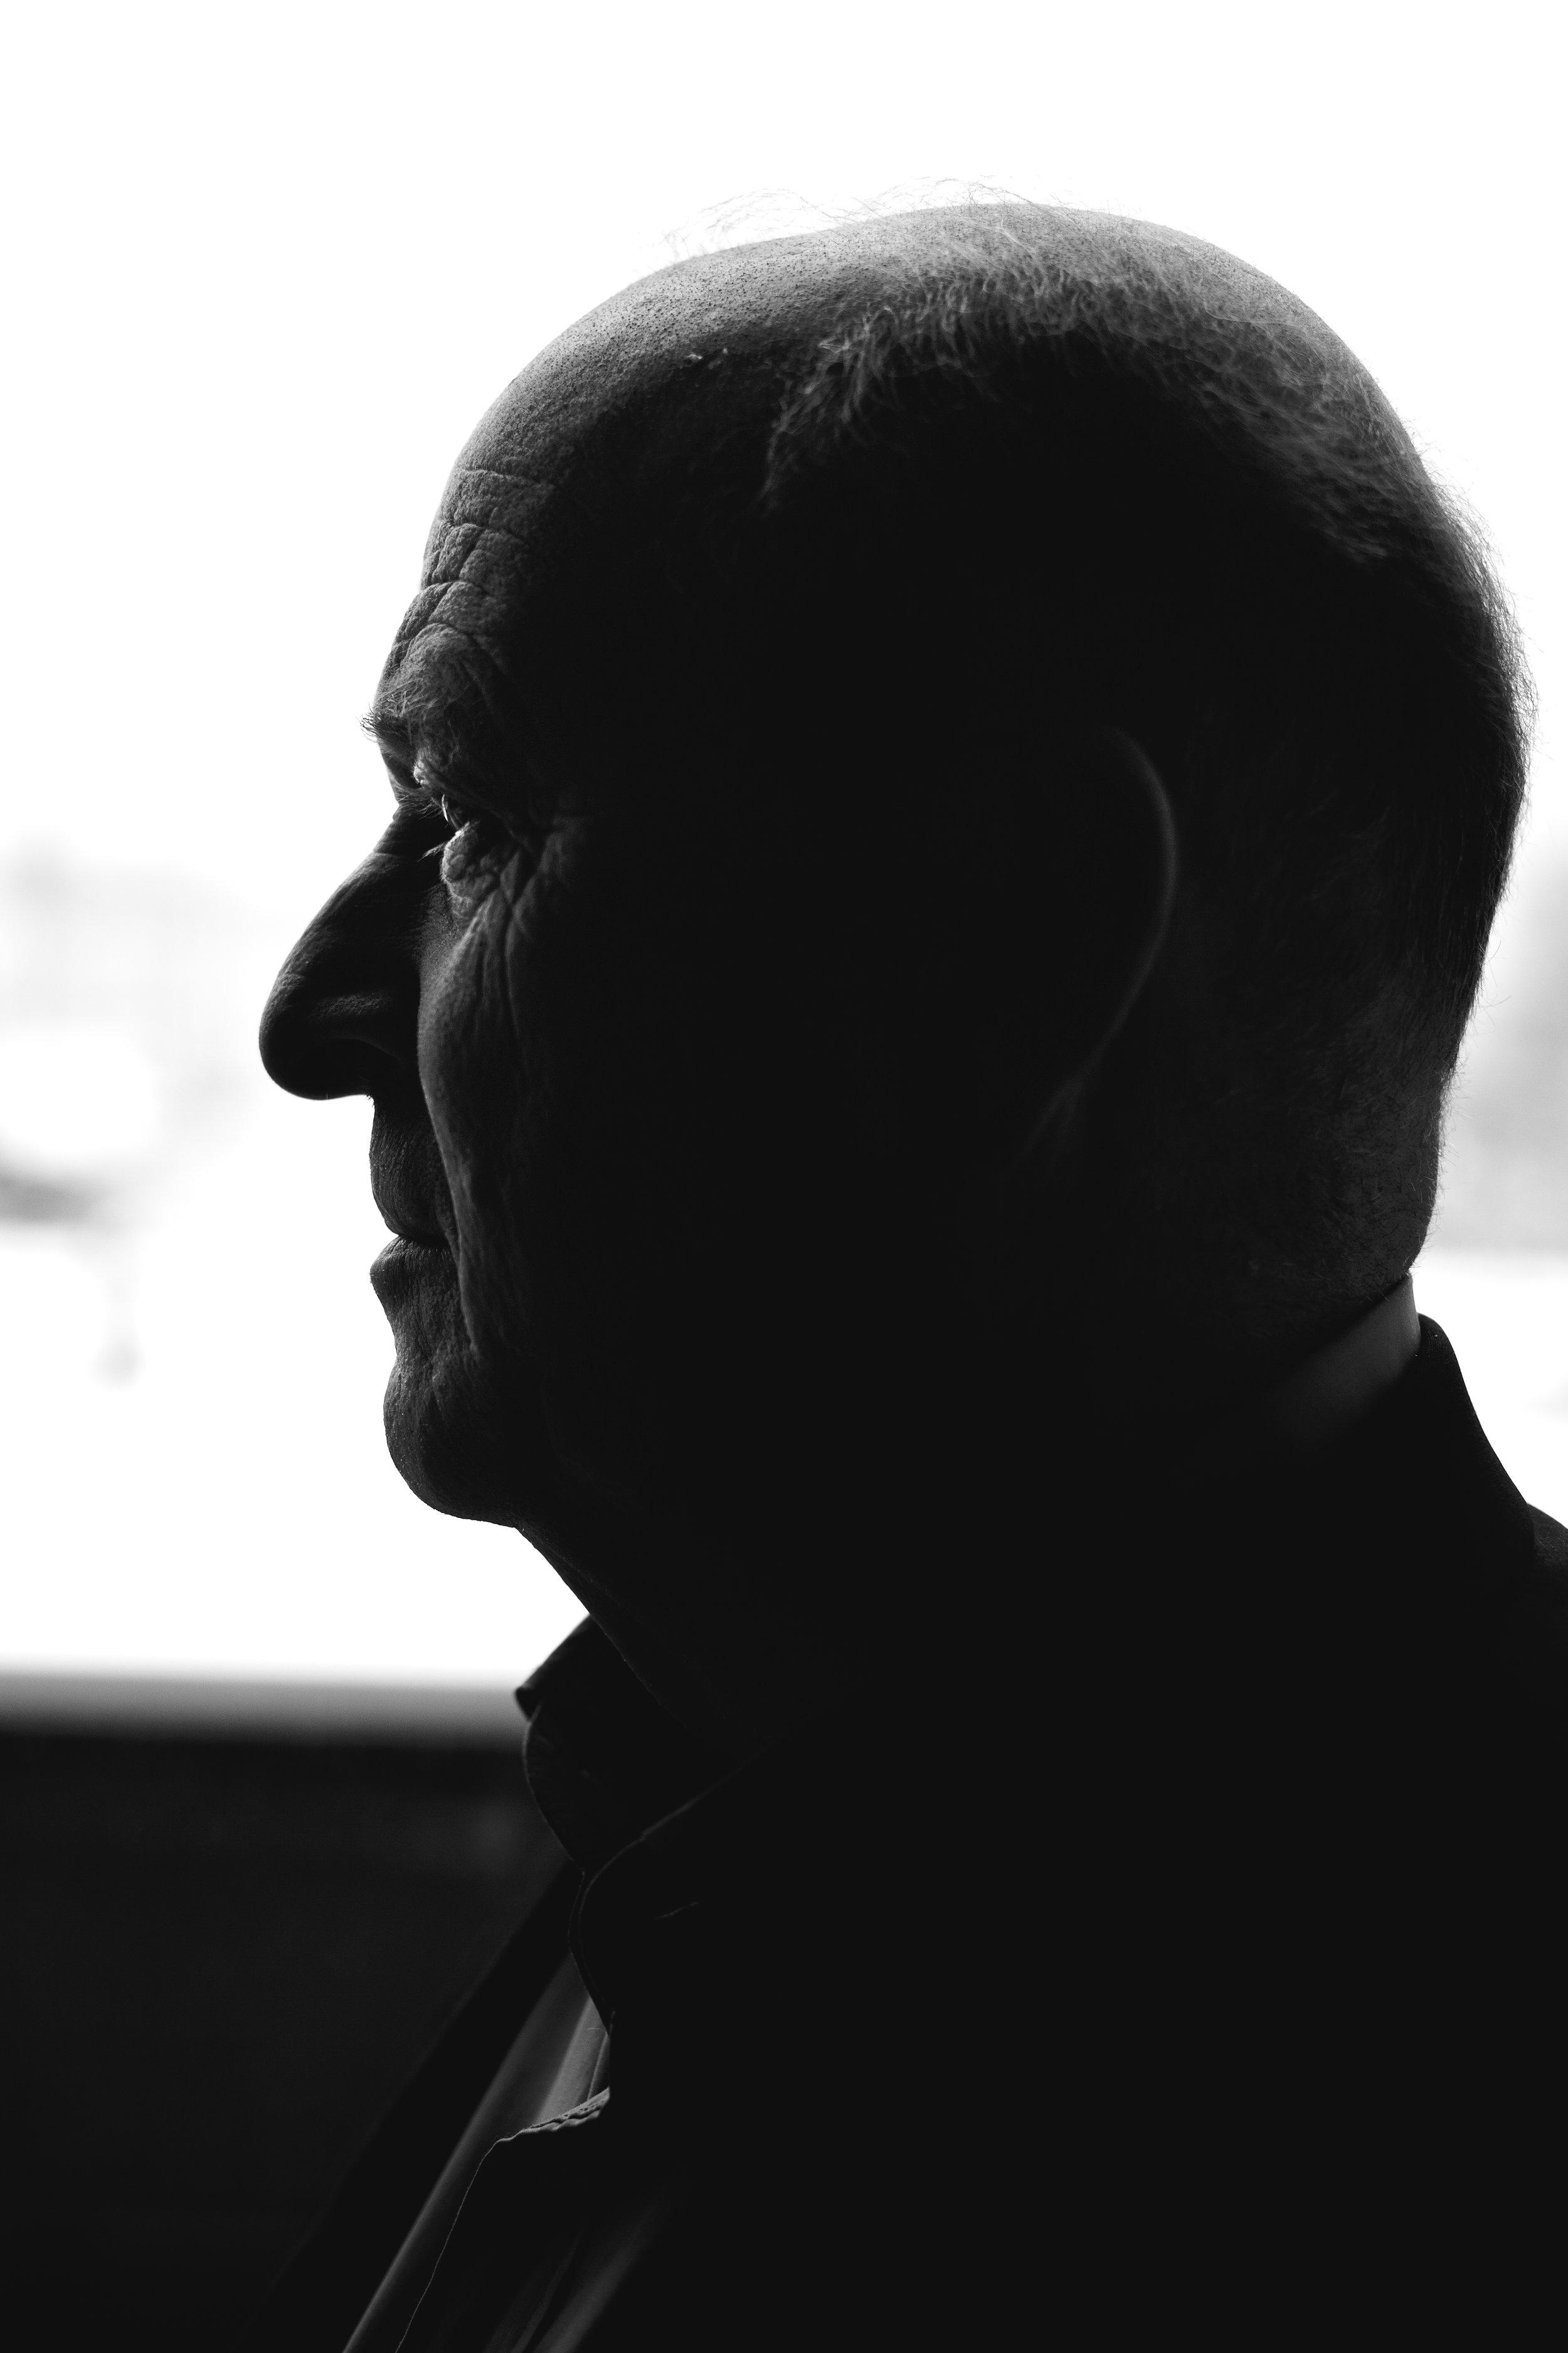 Odd-Einar Dørum